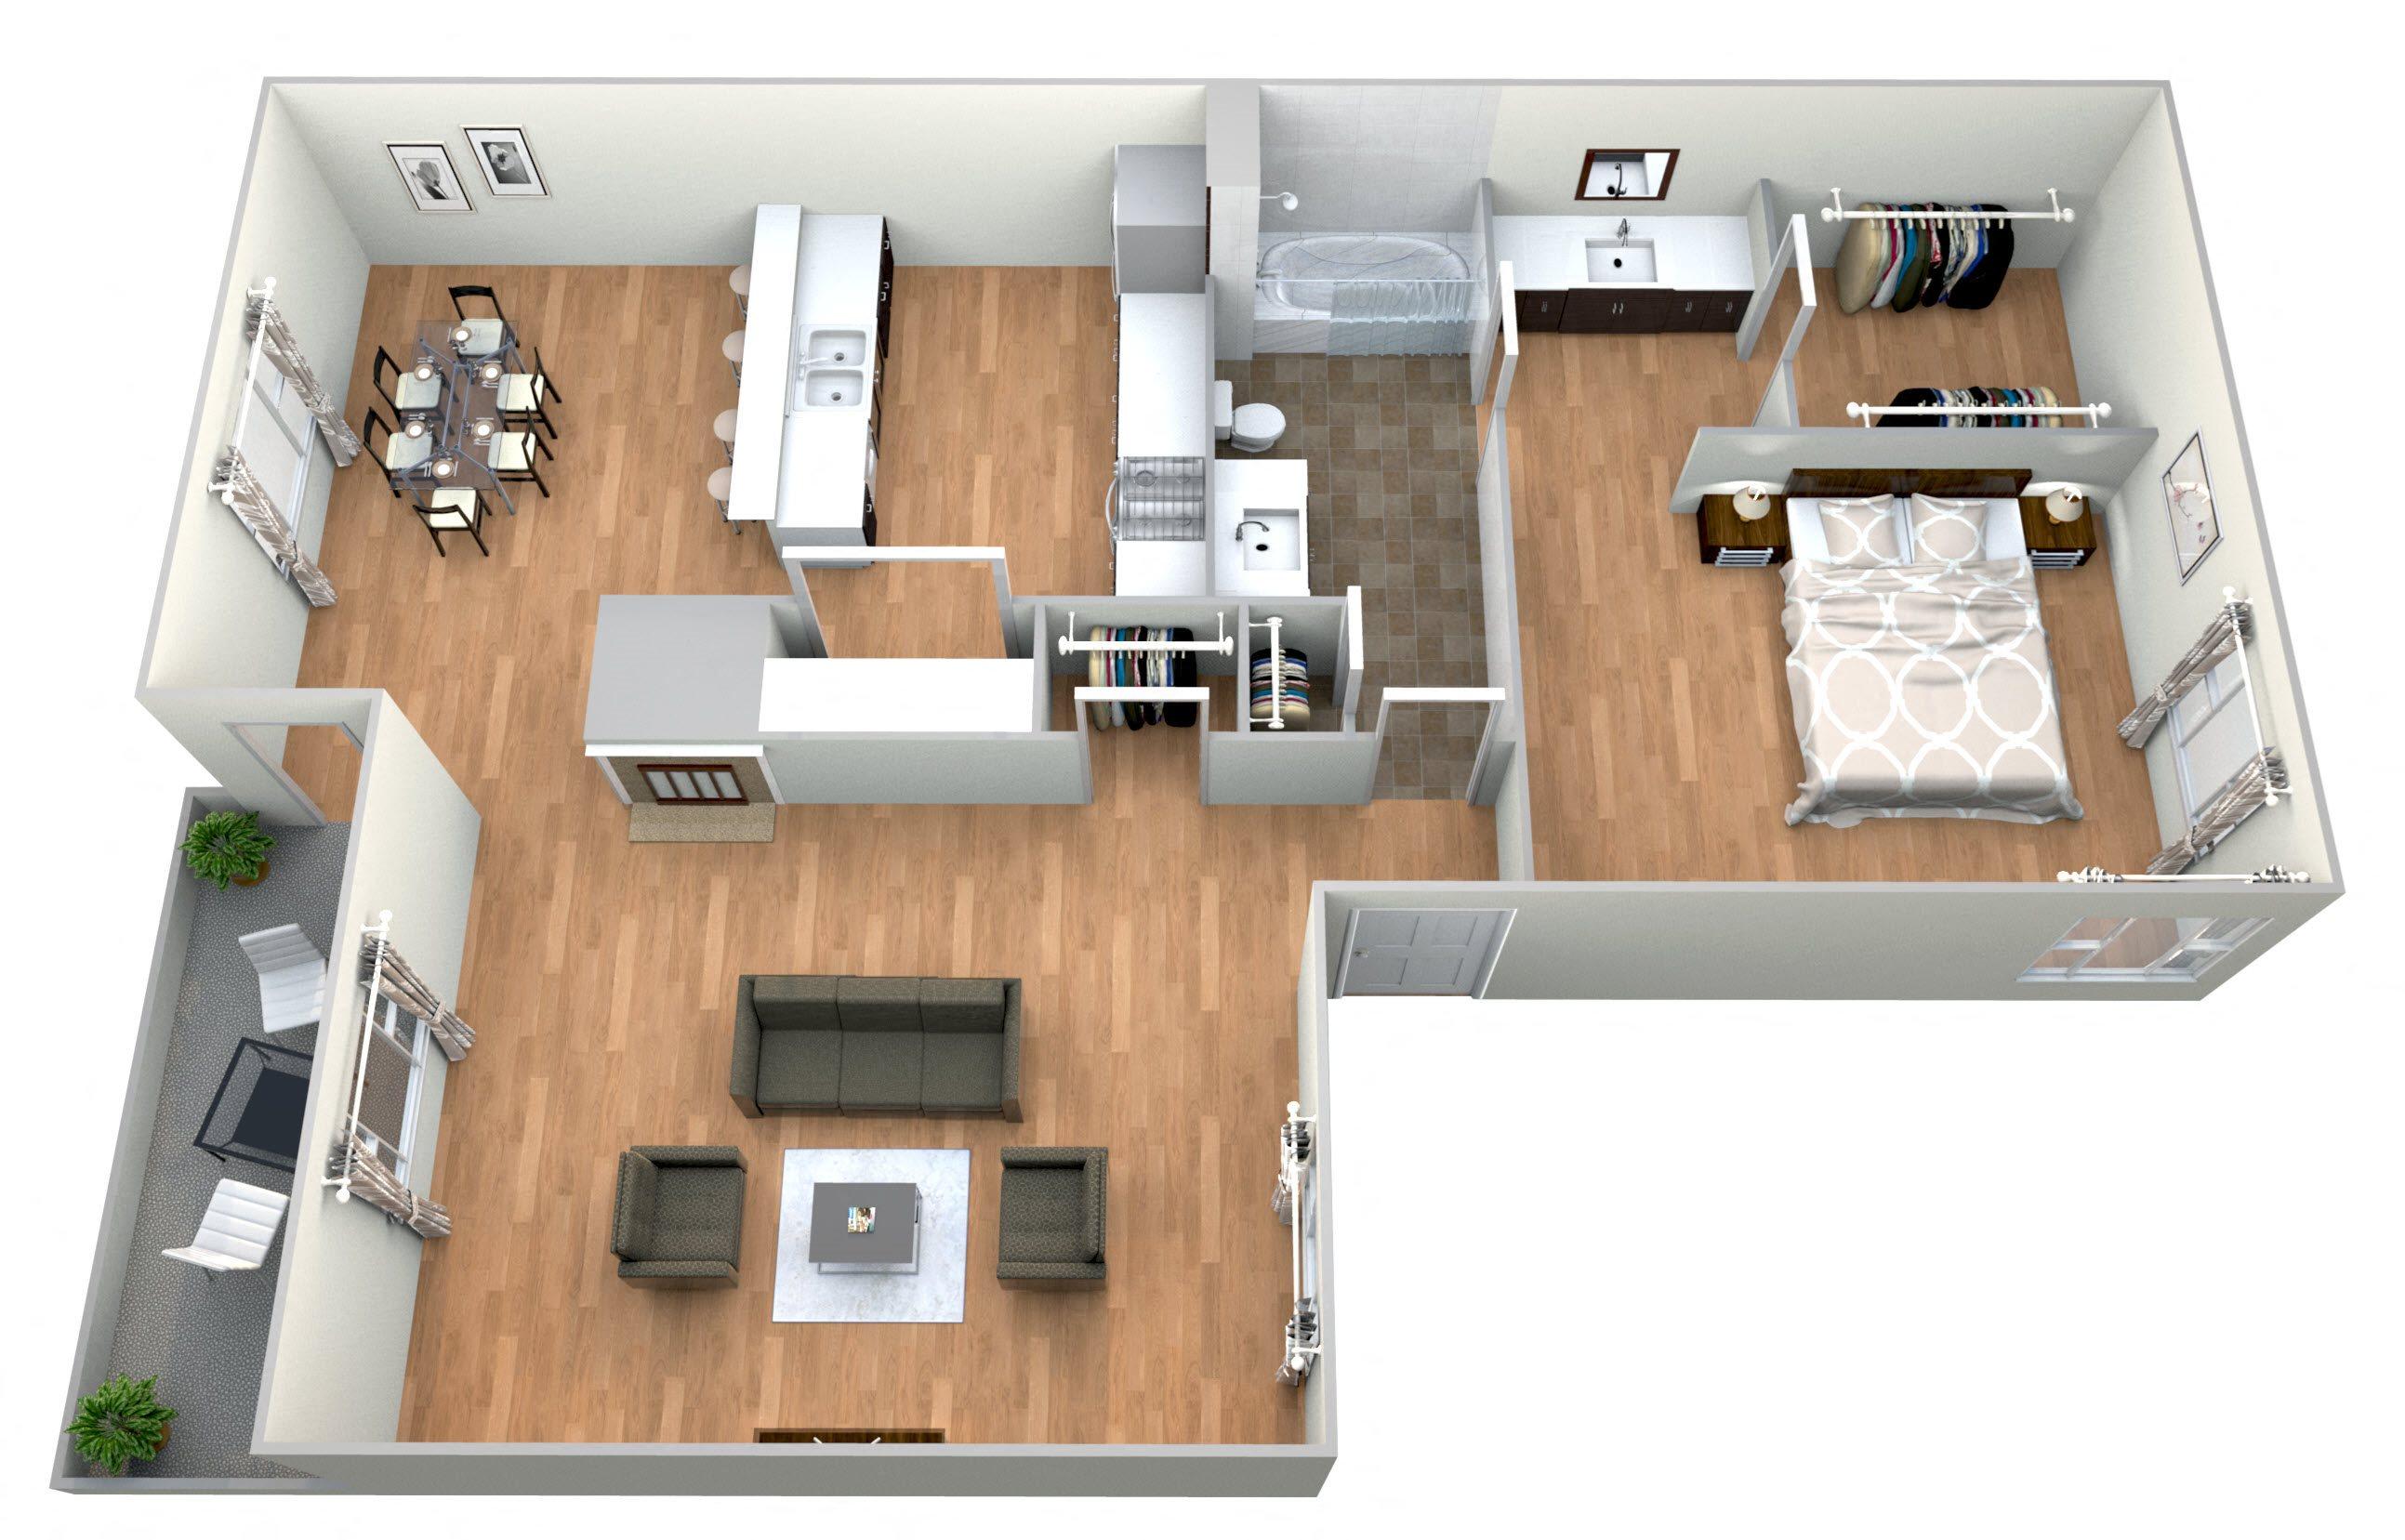 1 Bed 1Bath G Floor Plan 7